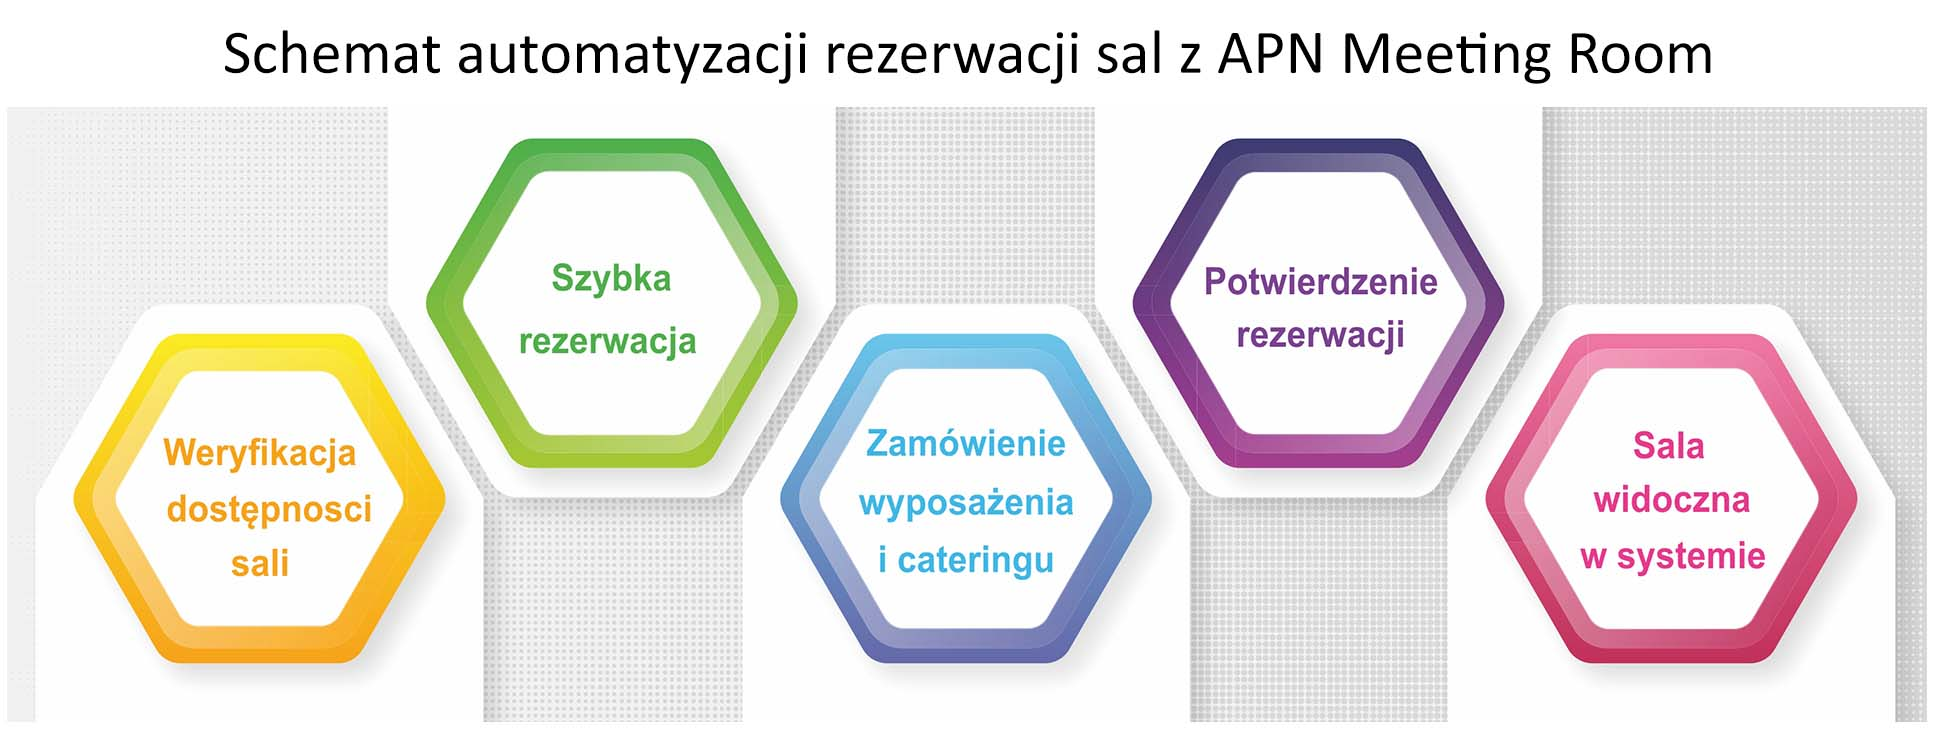 system rezerwacji sal konferencyjnych APN Meeting Room